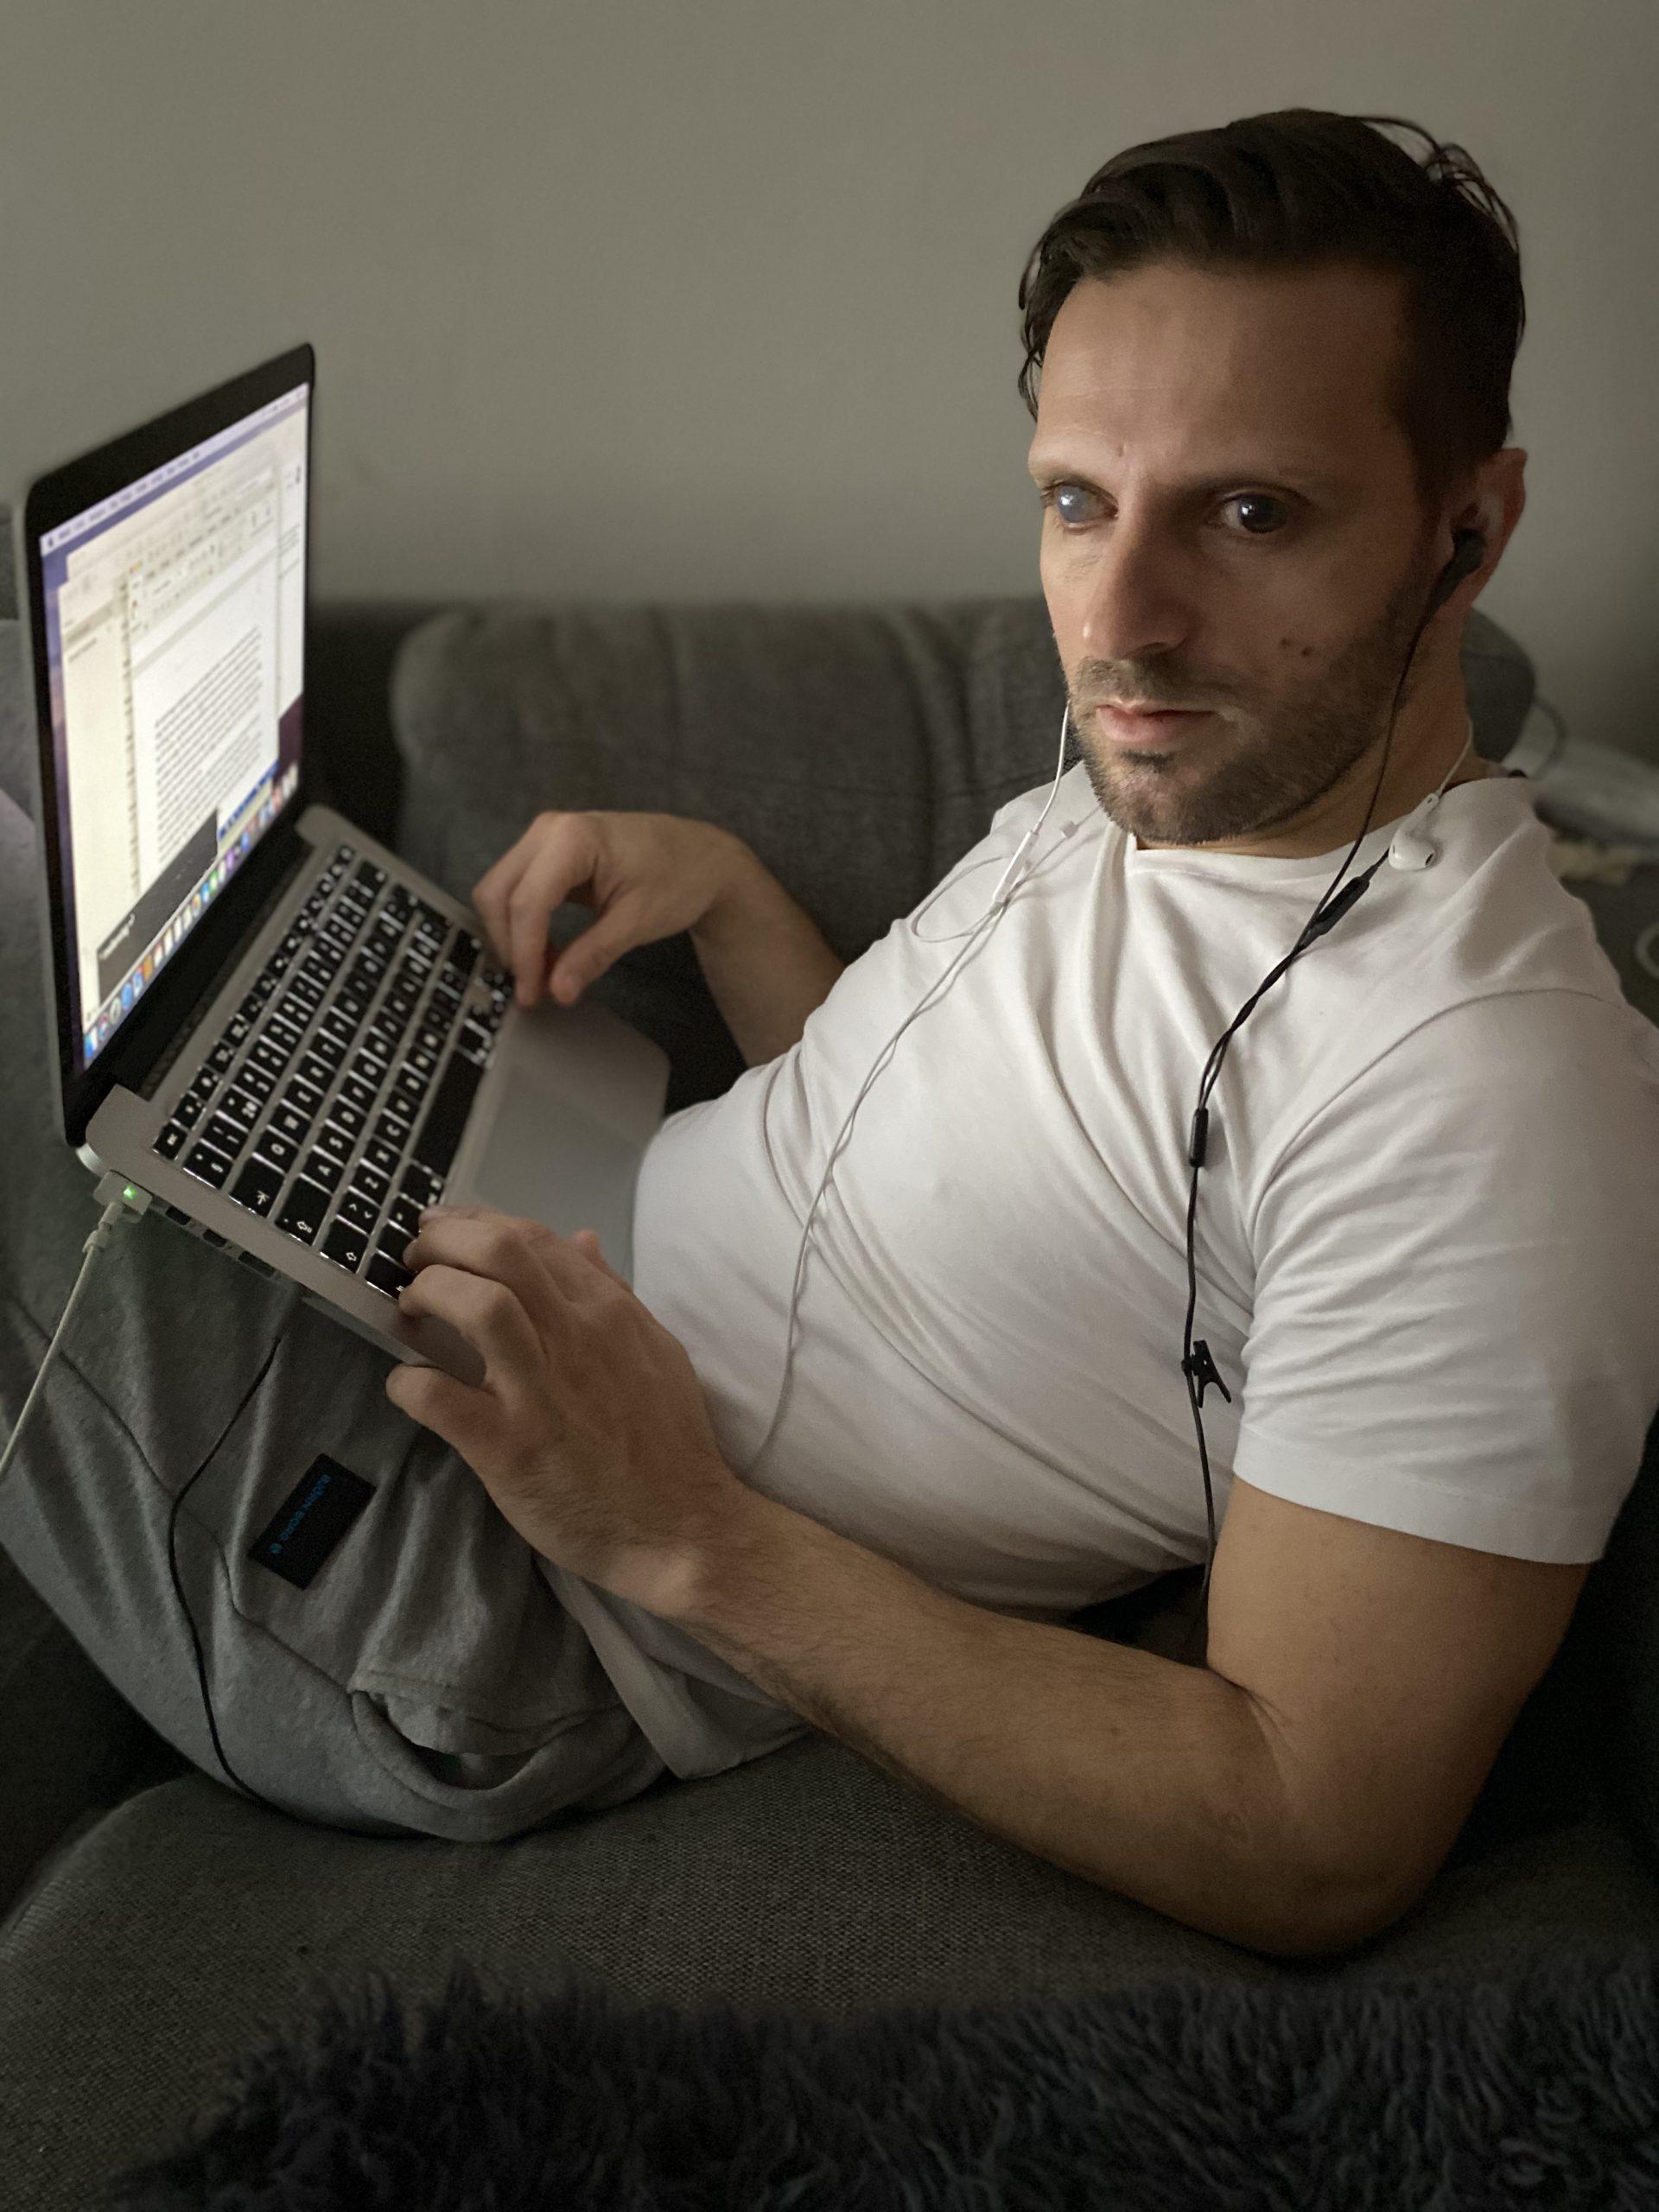 Fatmir Seremeti sitter med datorn i knät på soffan.